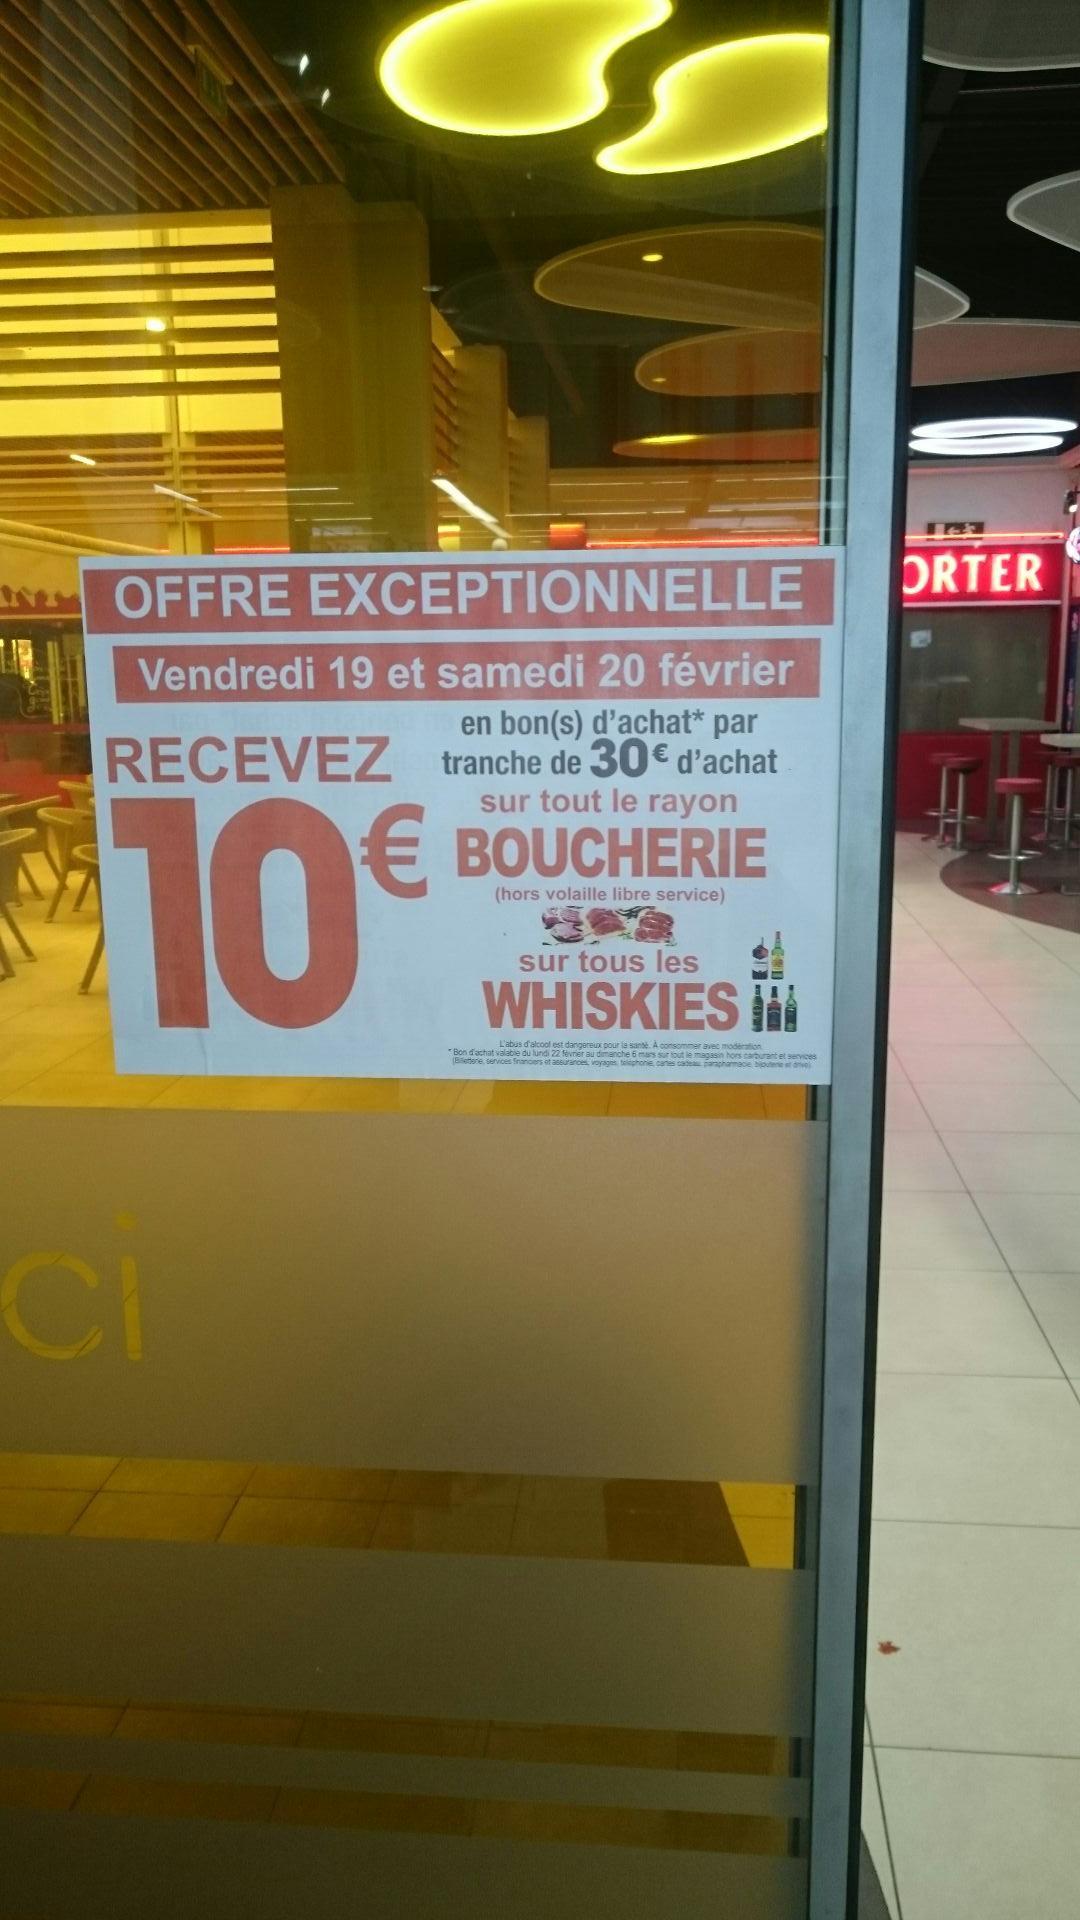 10€ offerts en bon d'achat par tranche de 30€ dans les rayons Boucherie et Whisky